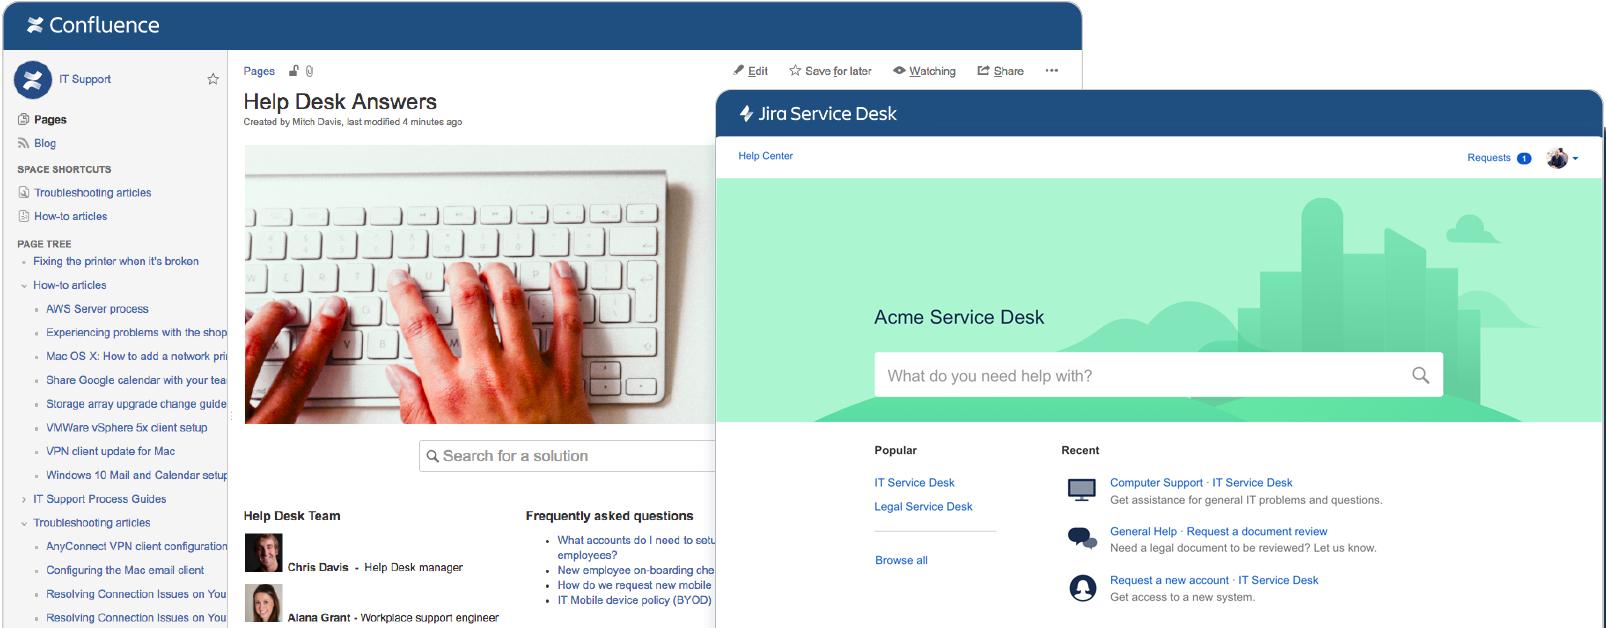 Confluence と Jira Service Desk のスクリーンショット